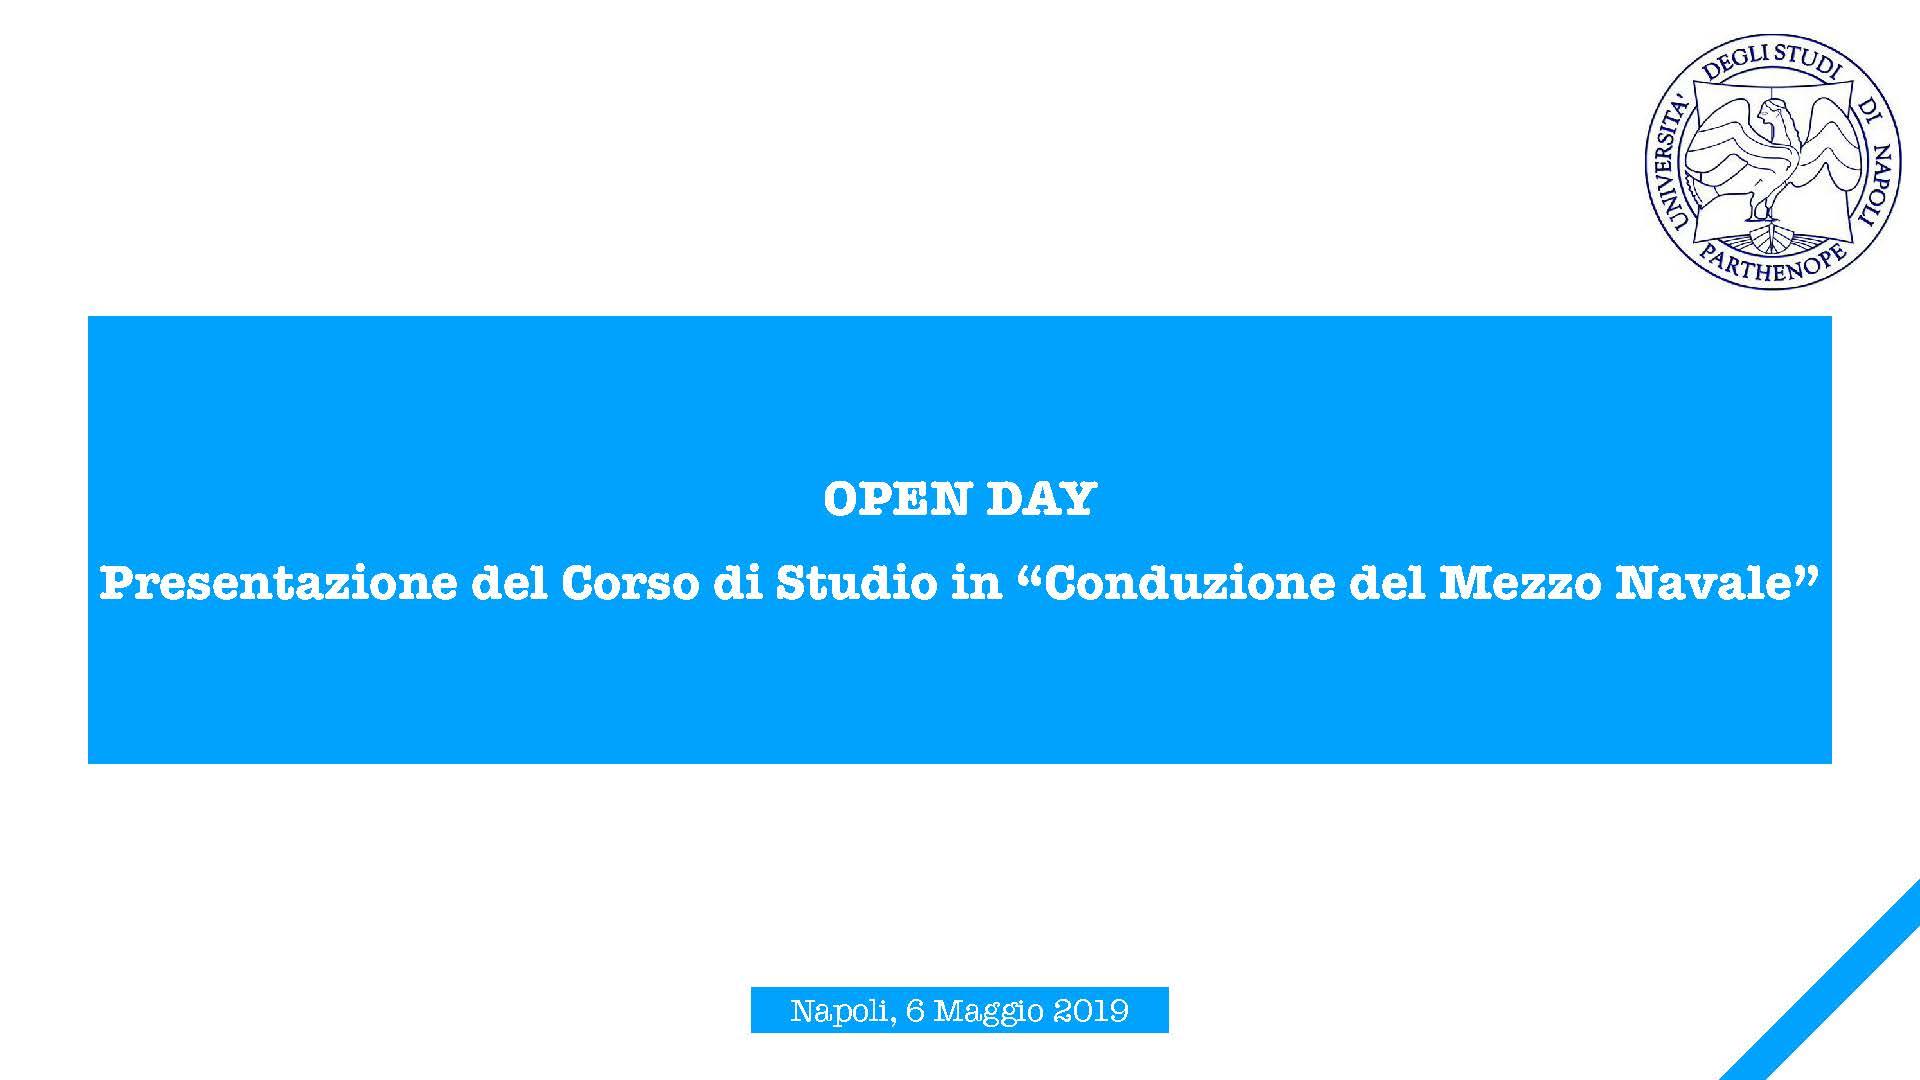 OpenDay_CMN_Agenda 1